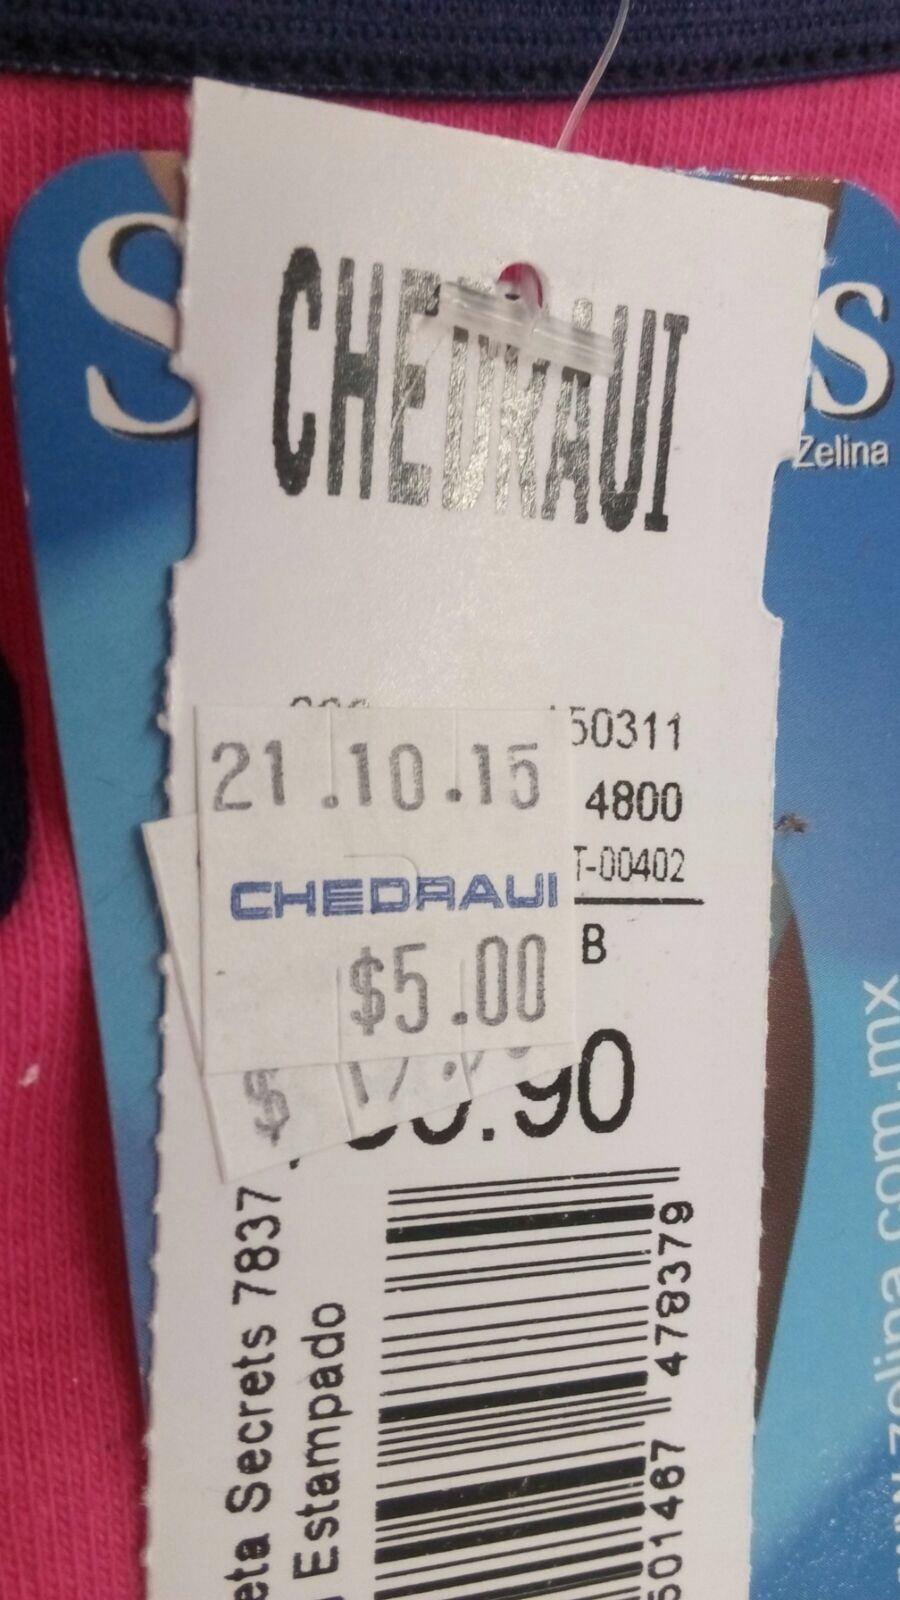 chedraui (Villahermosa): pantaletas y brassieres $5